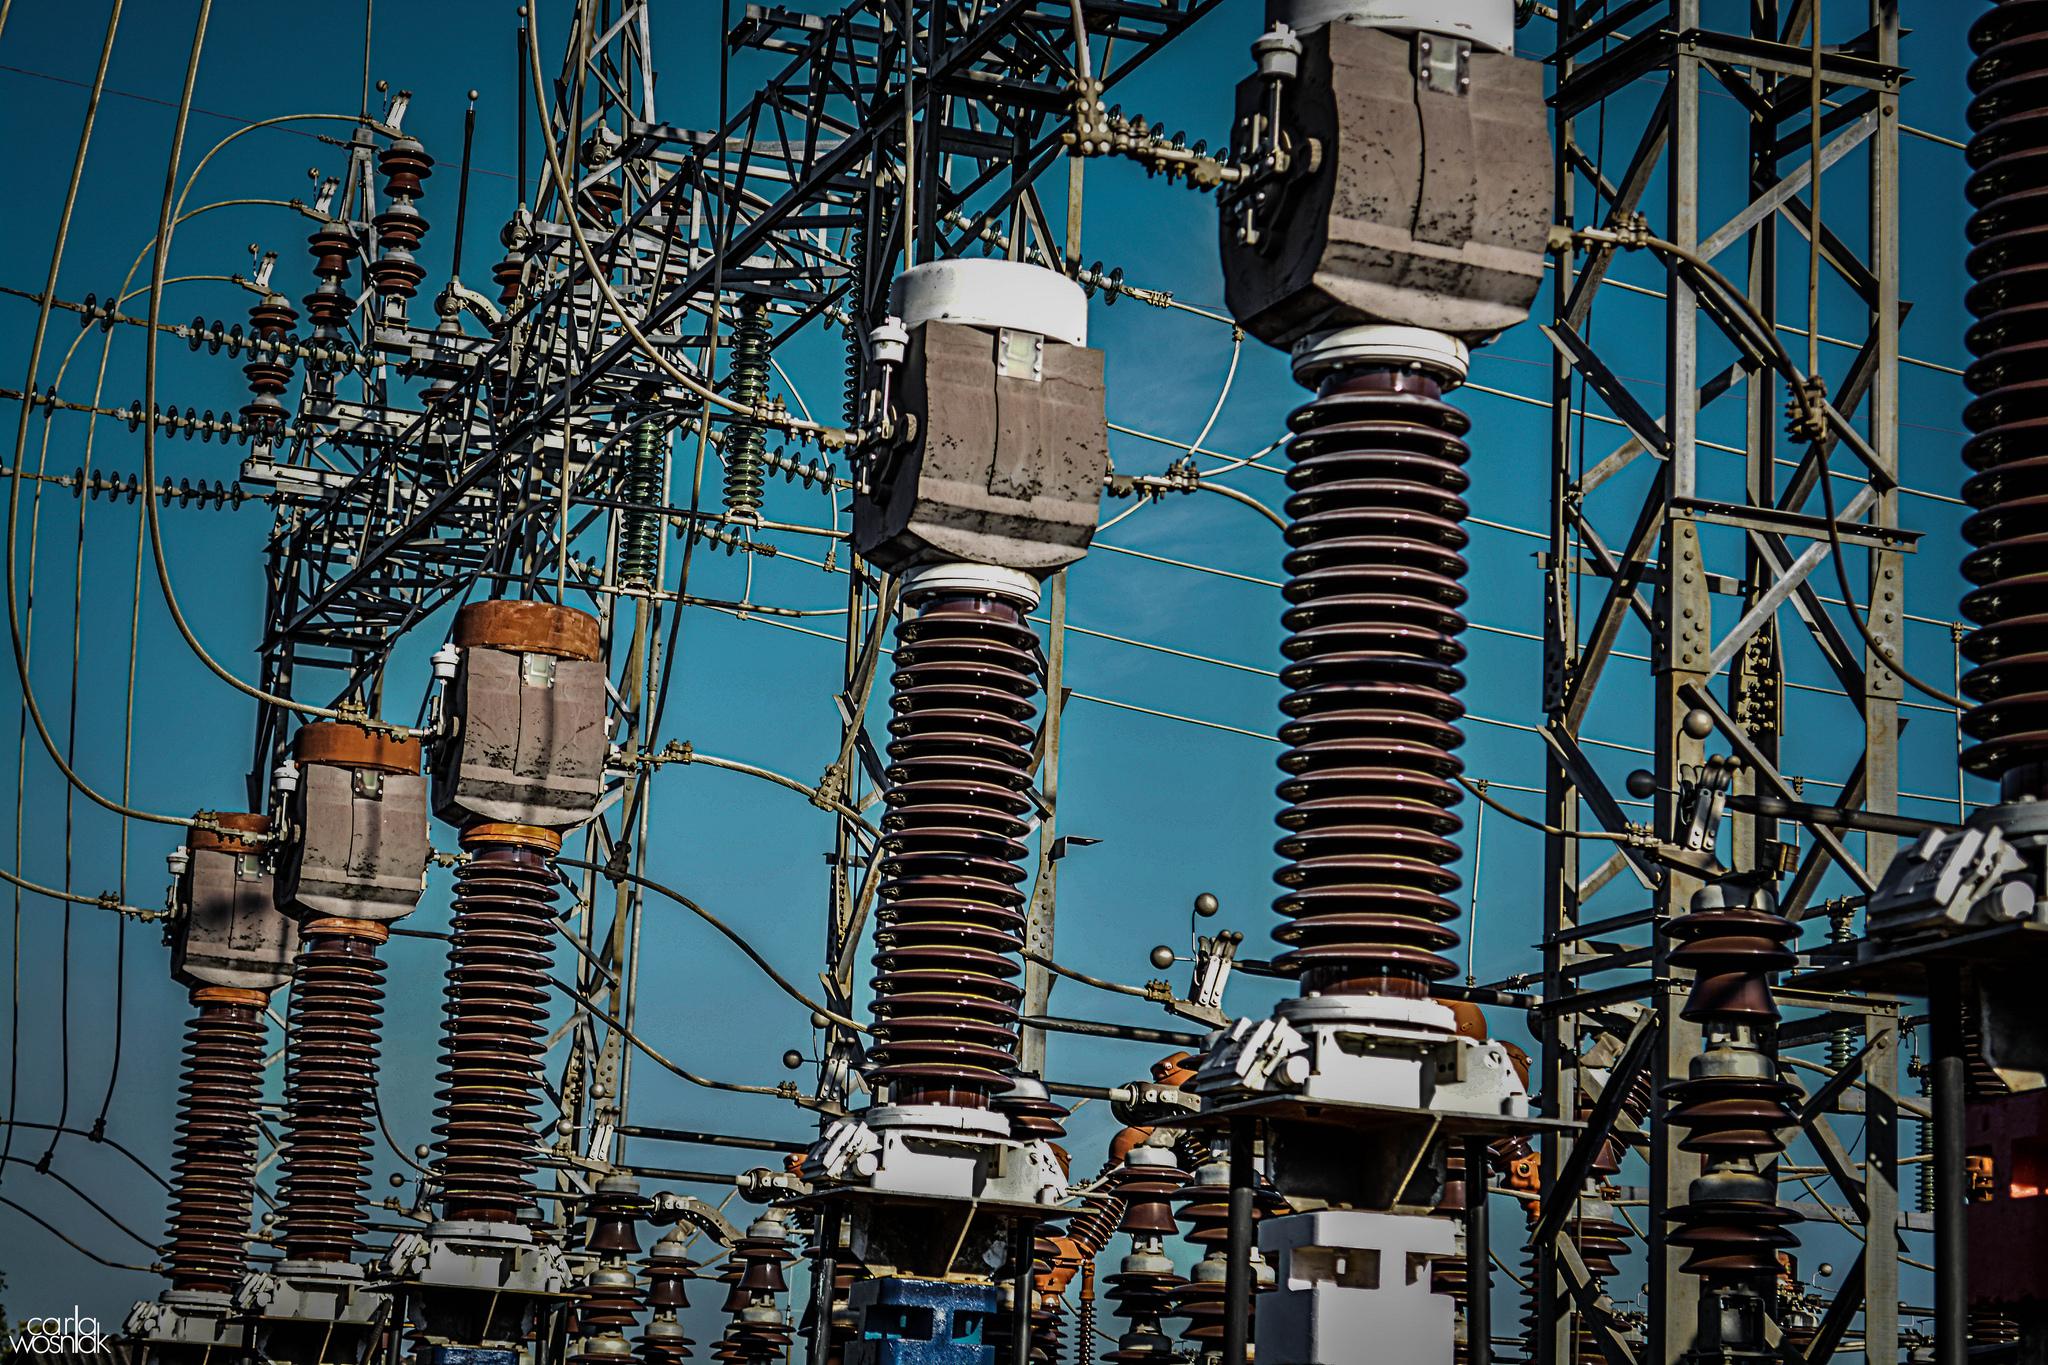 Cena elektřiny za kWh